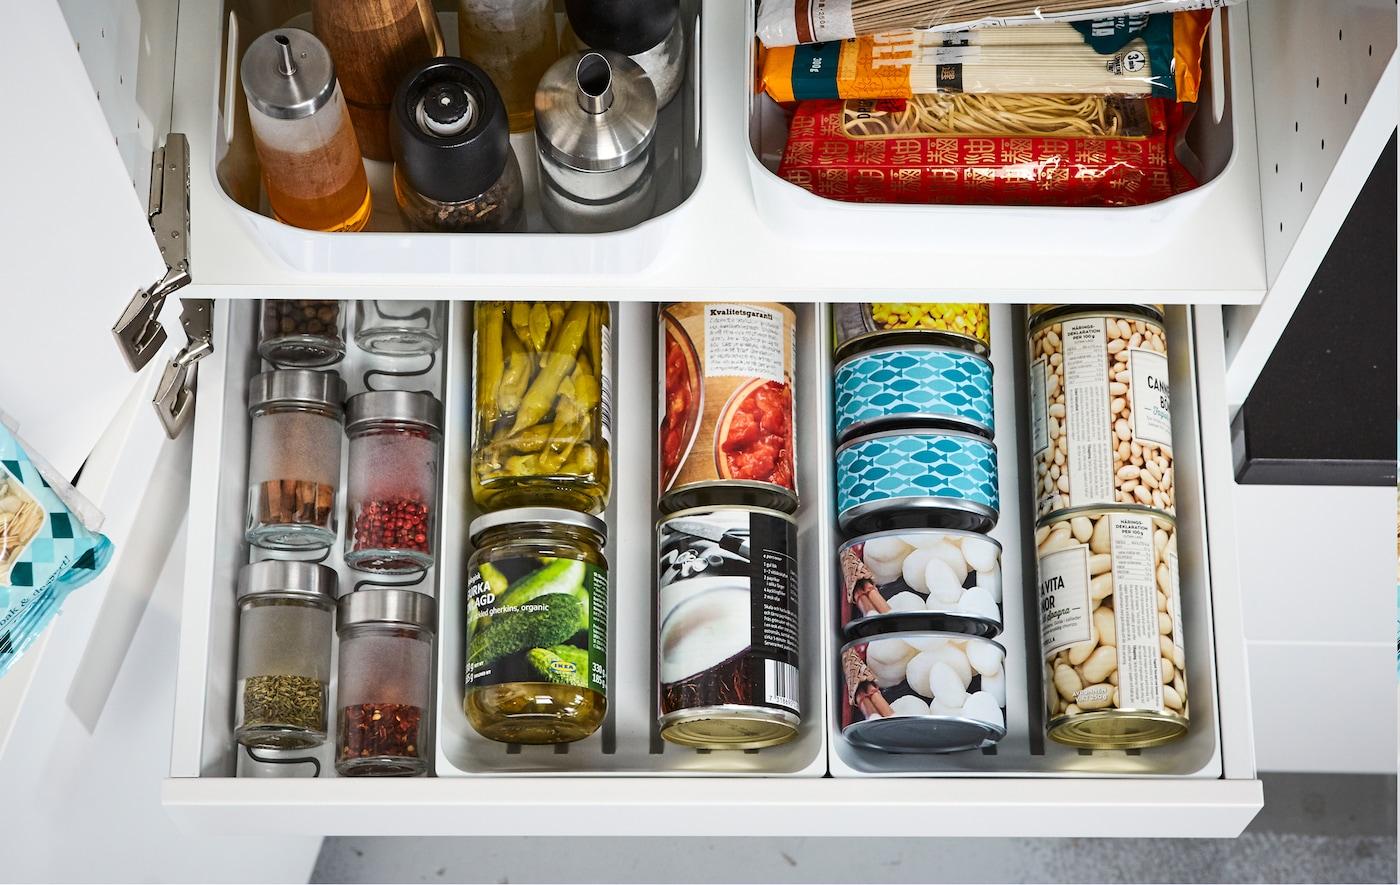 Full Size of Ikea Aufbewahrung Küche Organisationsideen Fr Deinen Vorratsschrank Deutschland Wandbelag Inselküche Abverkauf Beistellregal Auf Raten Aufbewahrungsbehälter Wohnzimmer Ikea Aufbewahrung Küche